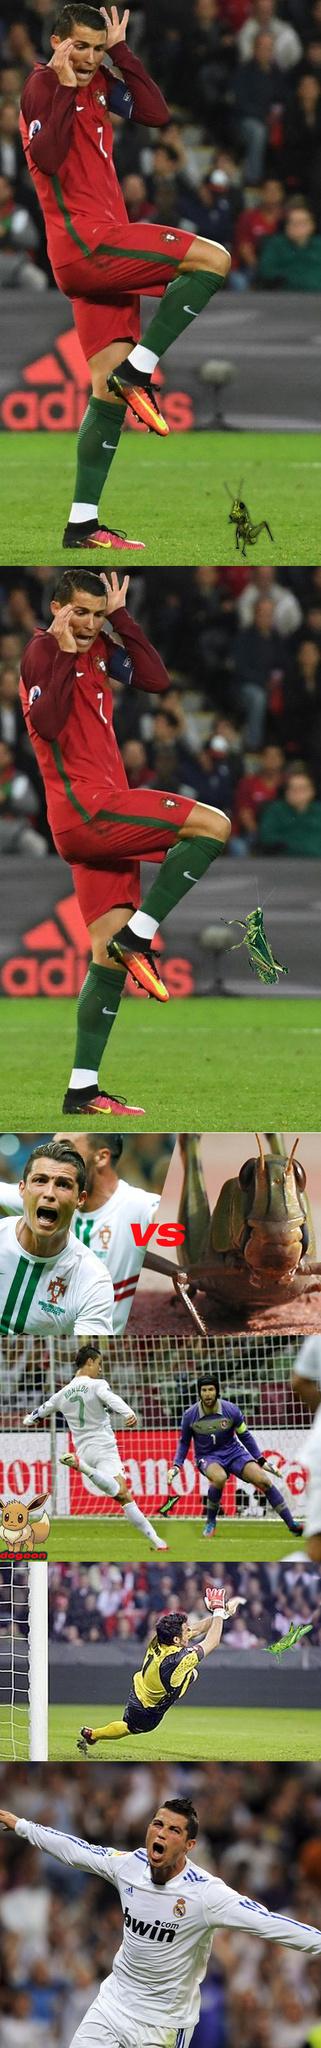 Cito la cavalletta che vidi ieri che mi diede quest'idea (dopo essermi spaventato come Ronaldo) - meme